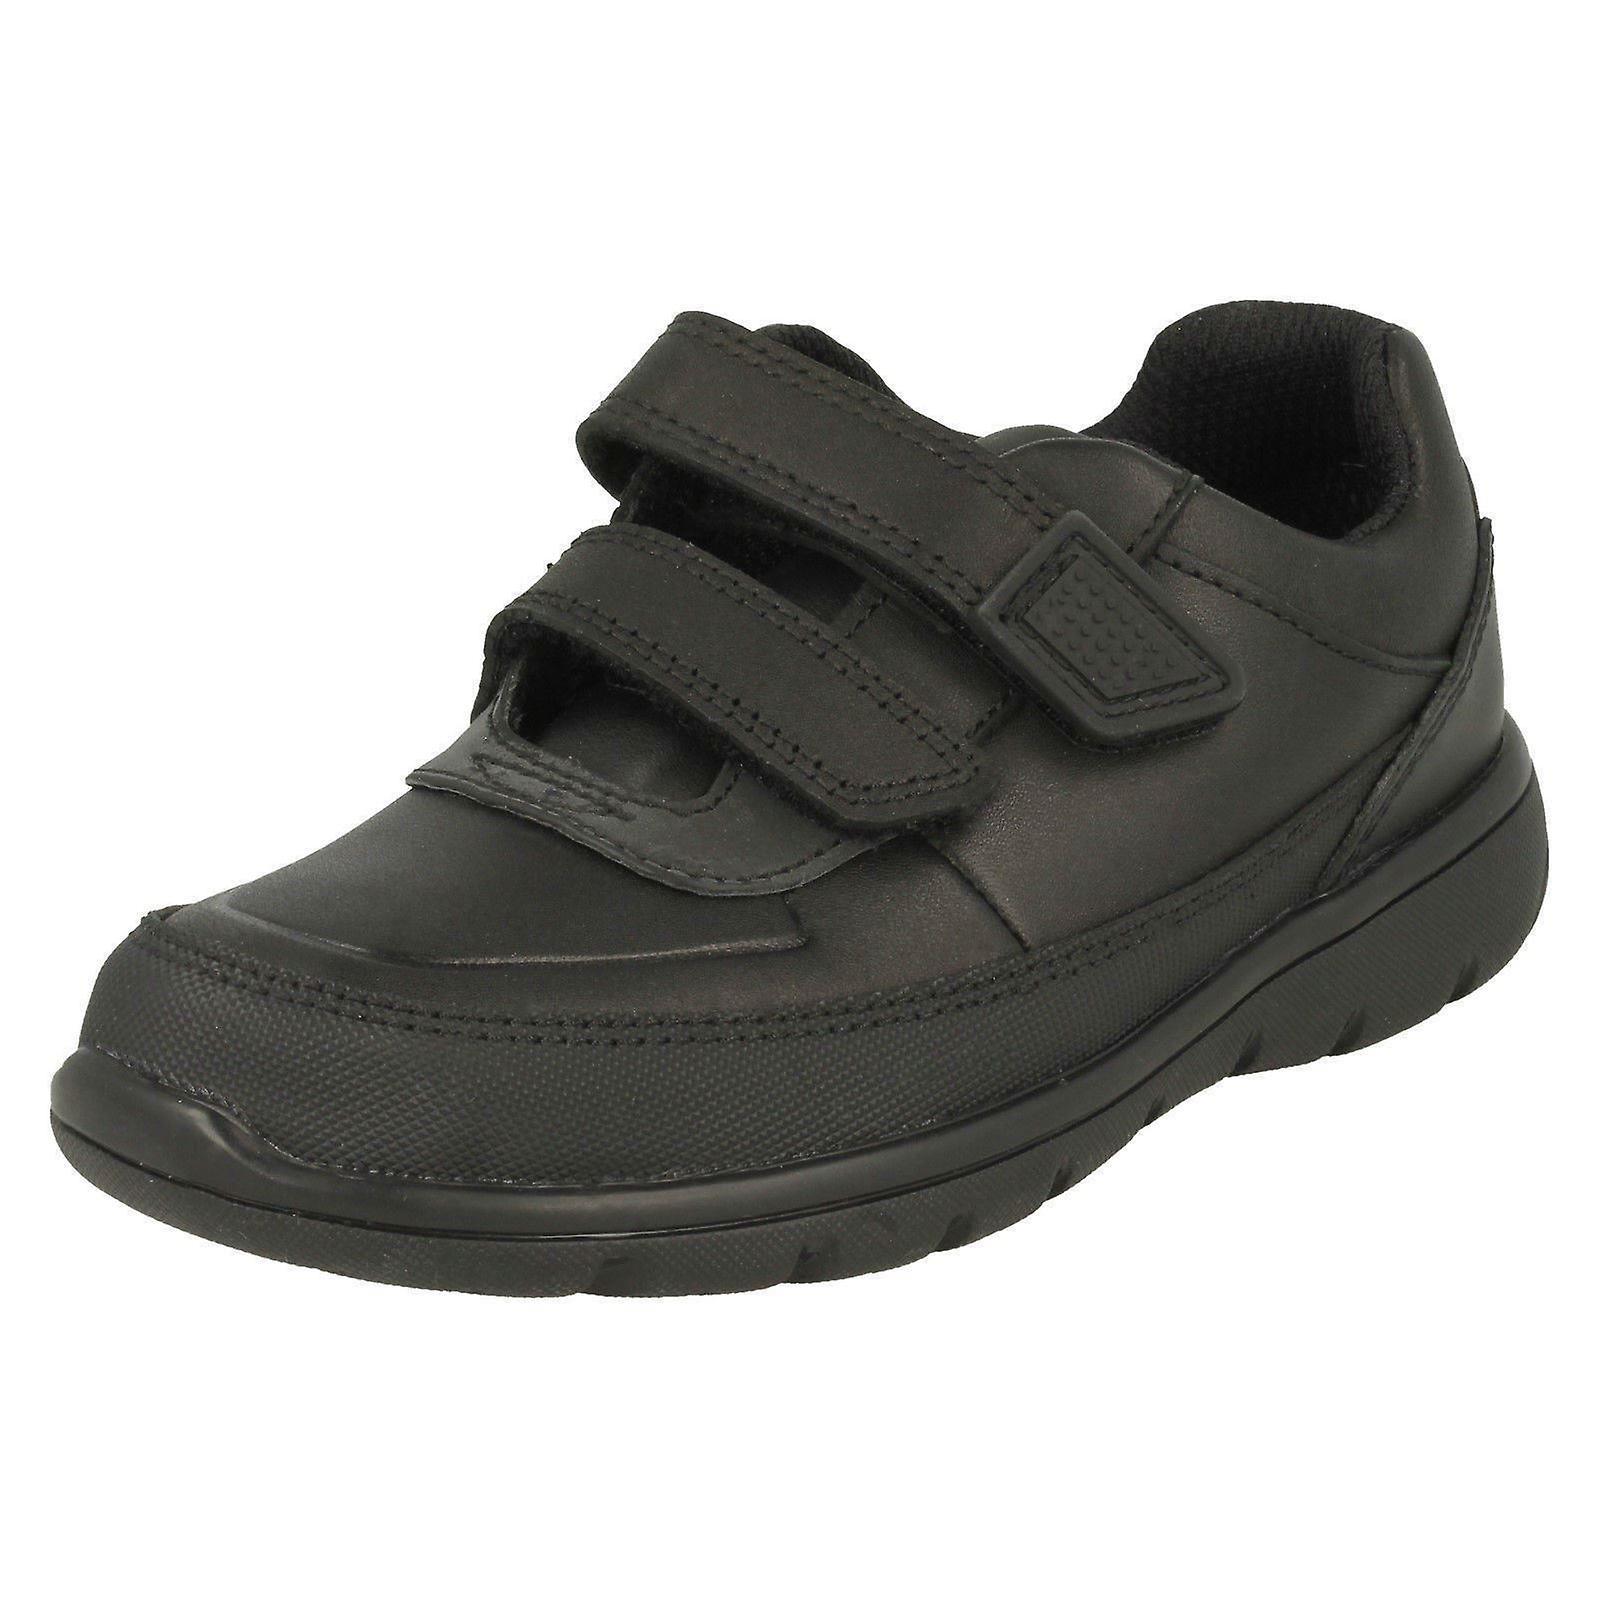 Garçons Clarks crochet & chaussures boucle école aventurent à pied